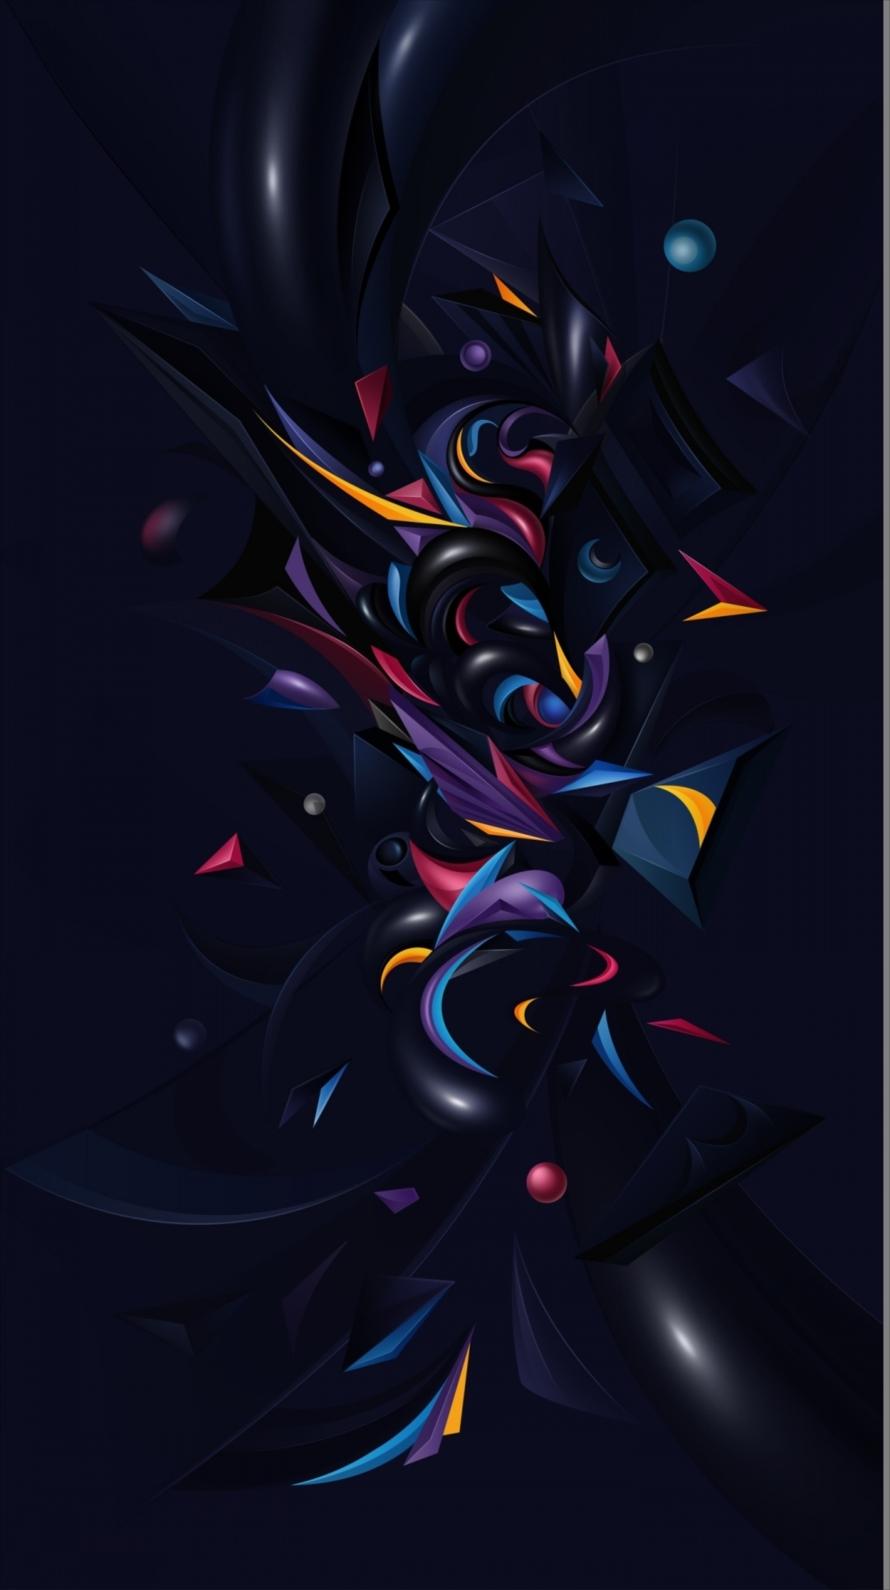 ブラックコラージュ Iphone6壁紙 Wallpaperbox